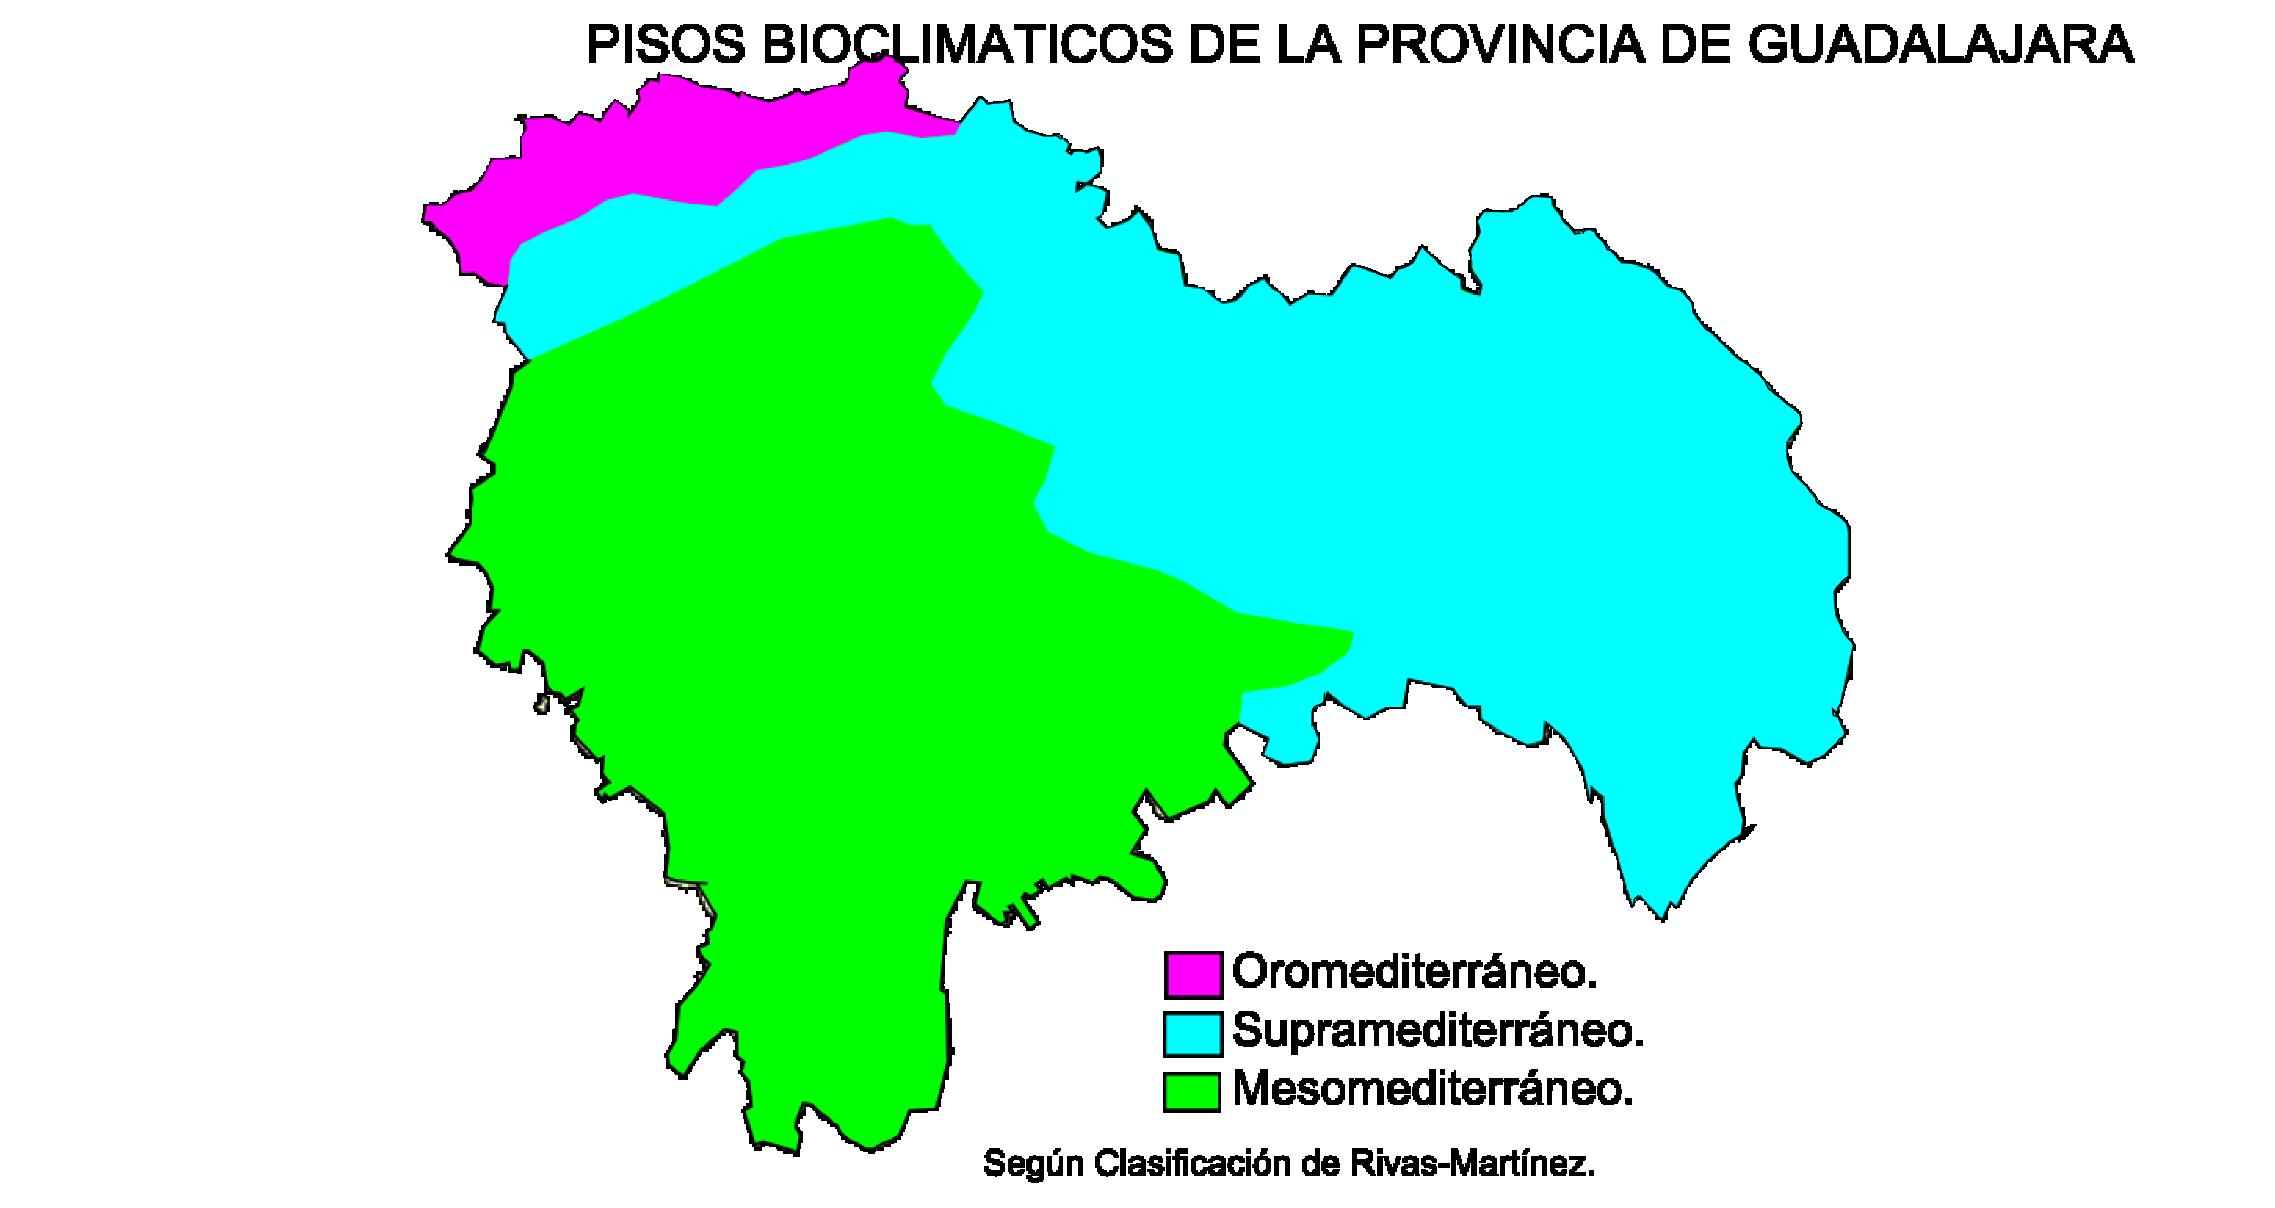 Pisos bioclimáticos de la provincia de Guadalajara 2009